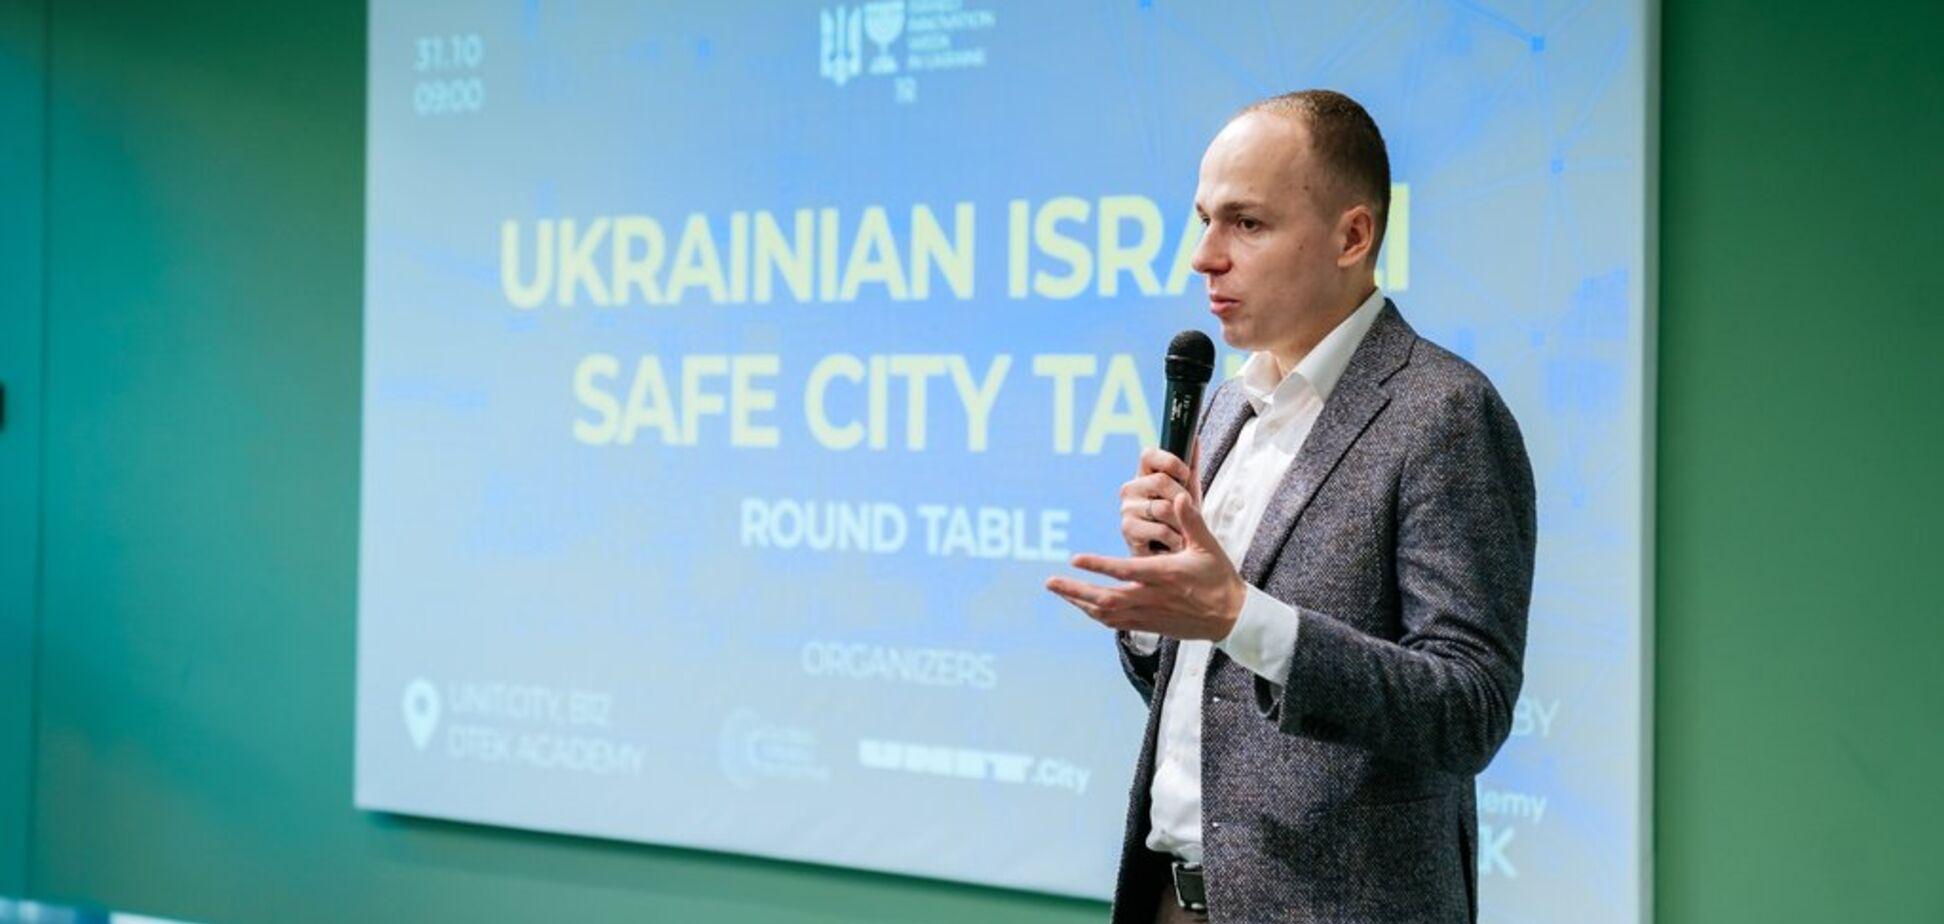 Гендиректор ДТЭК Сети назвал Smart Grid основой развития Smart City в Украине